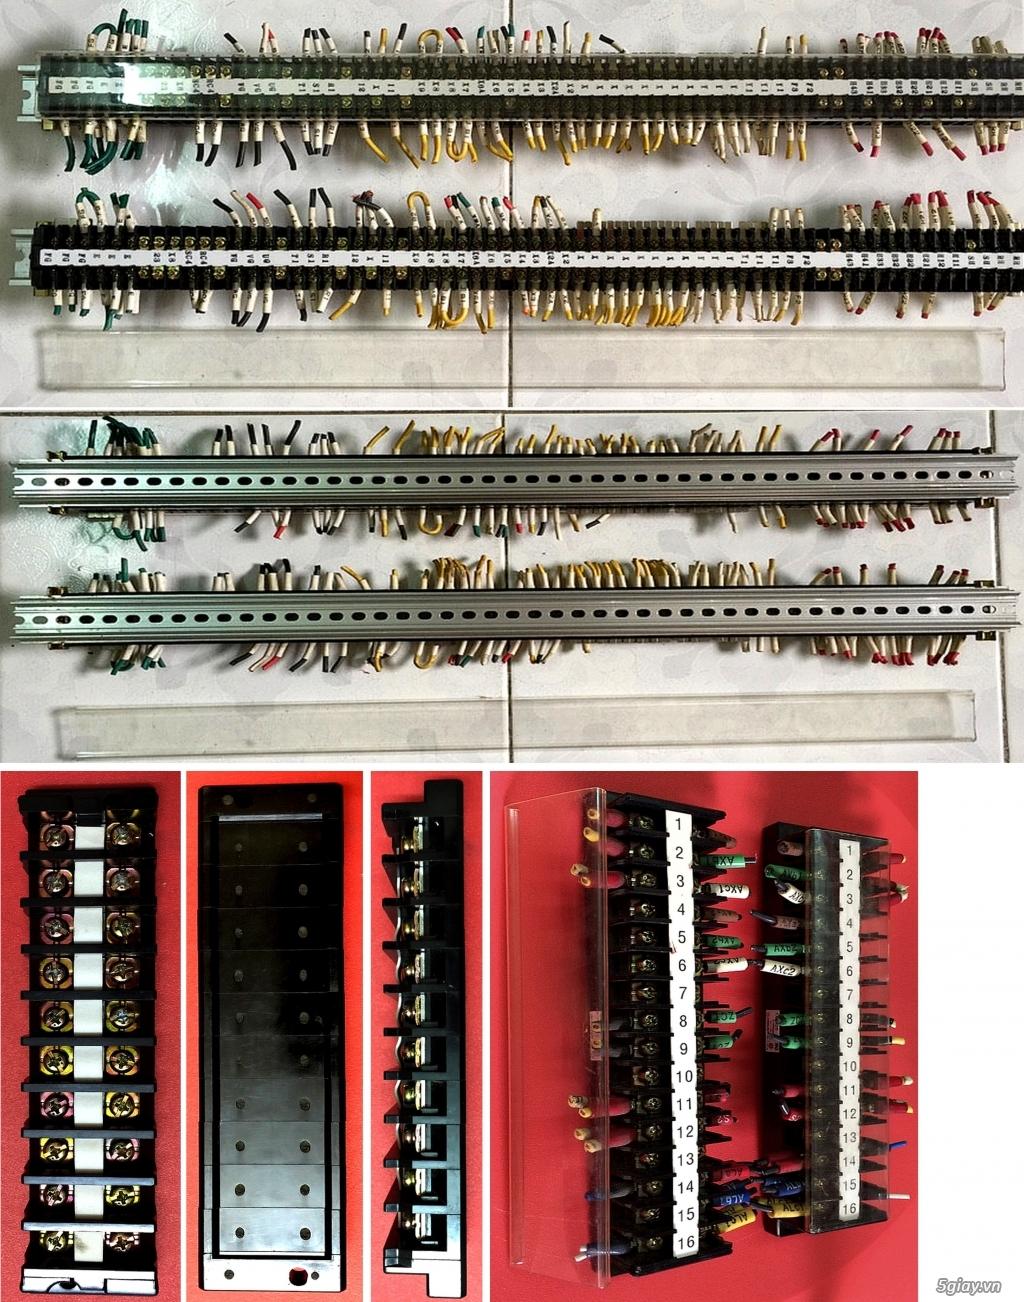 Box chống nhĩu/lọc điện,Biến áp cách li,DVD portable,LCD mini,ampli,loa,equalizer.... - 11